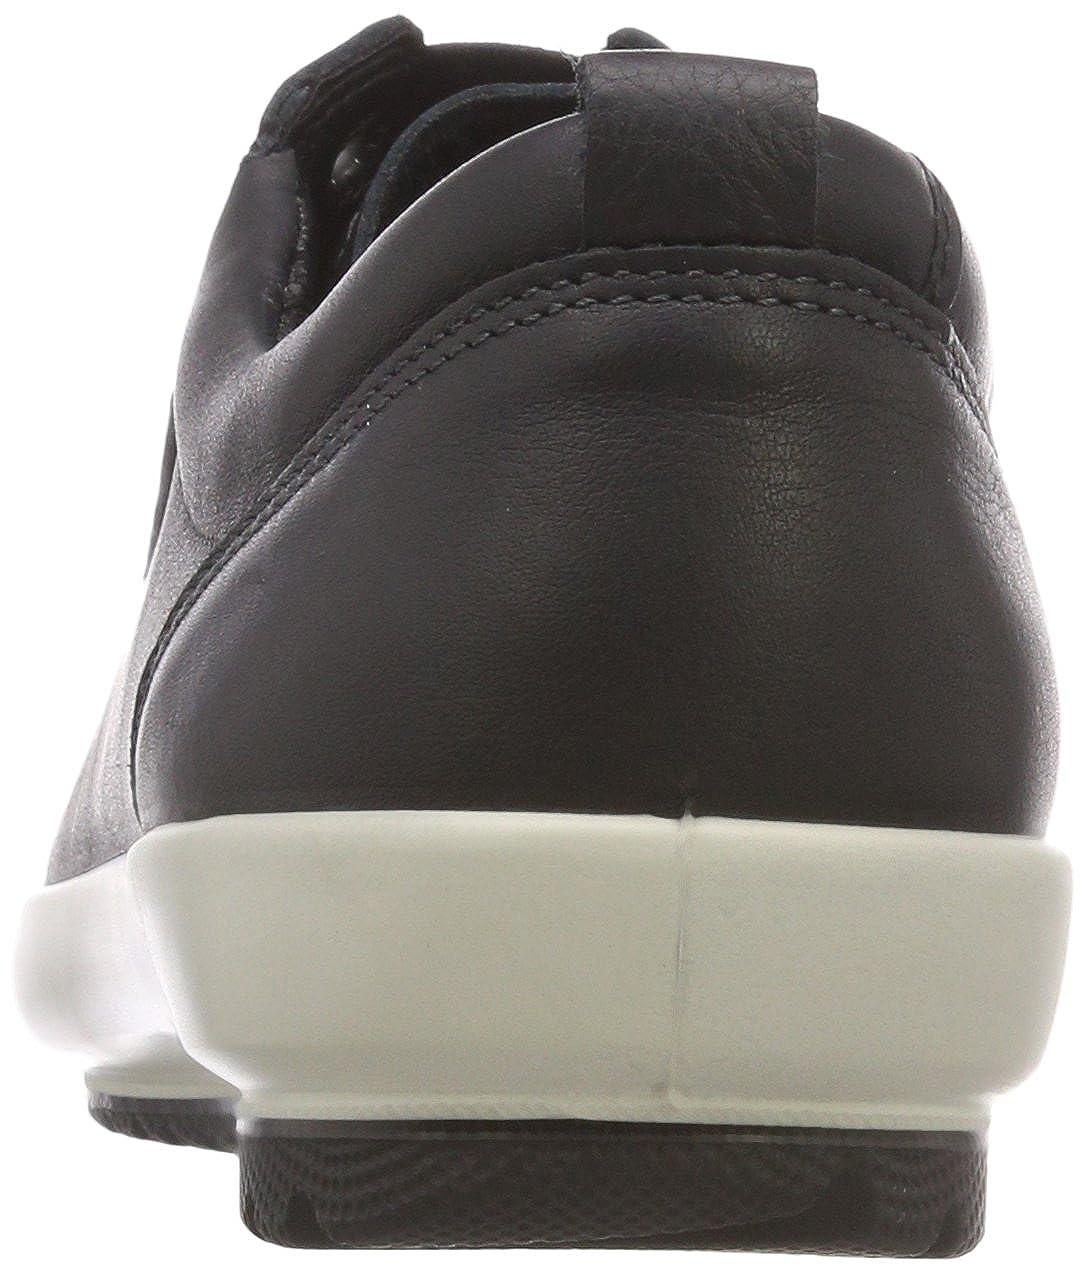 Gentiluomo   Signora Legero Tanaro, Tanaro, Tanaro, scarpe da ginnastica Donna Alto grado Produzione specializzata Confine umano | Prezzo ottimale  9a338d